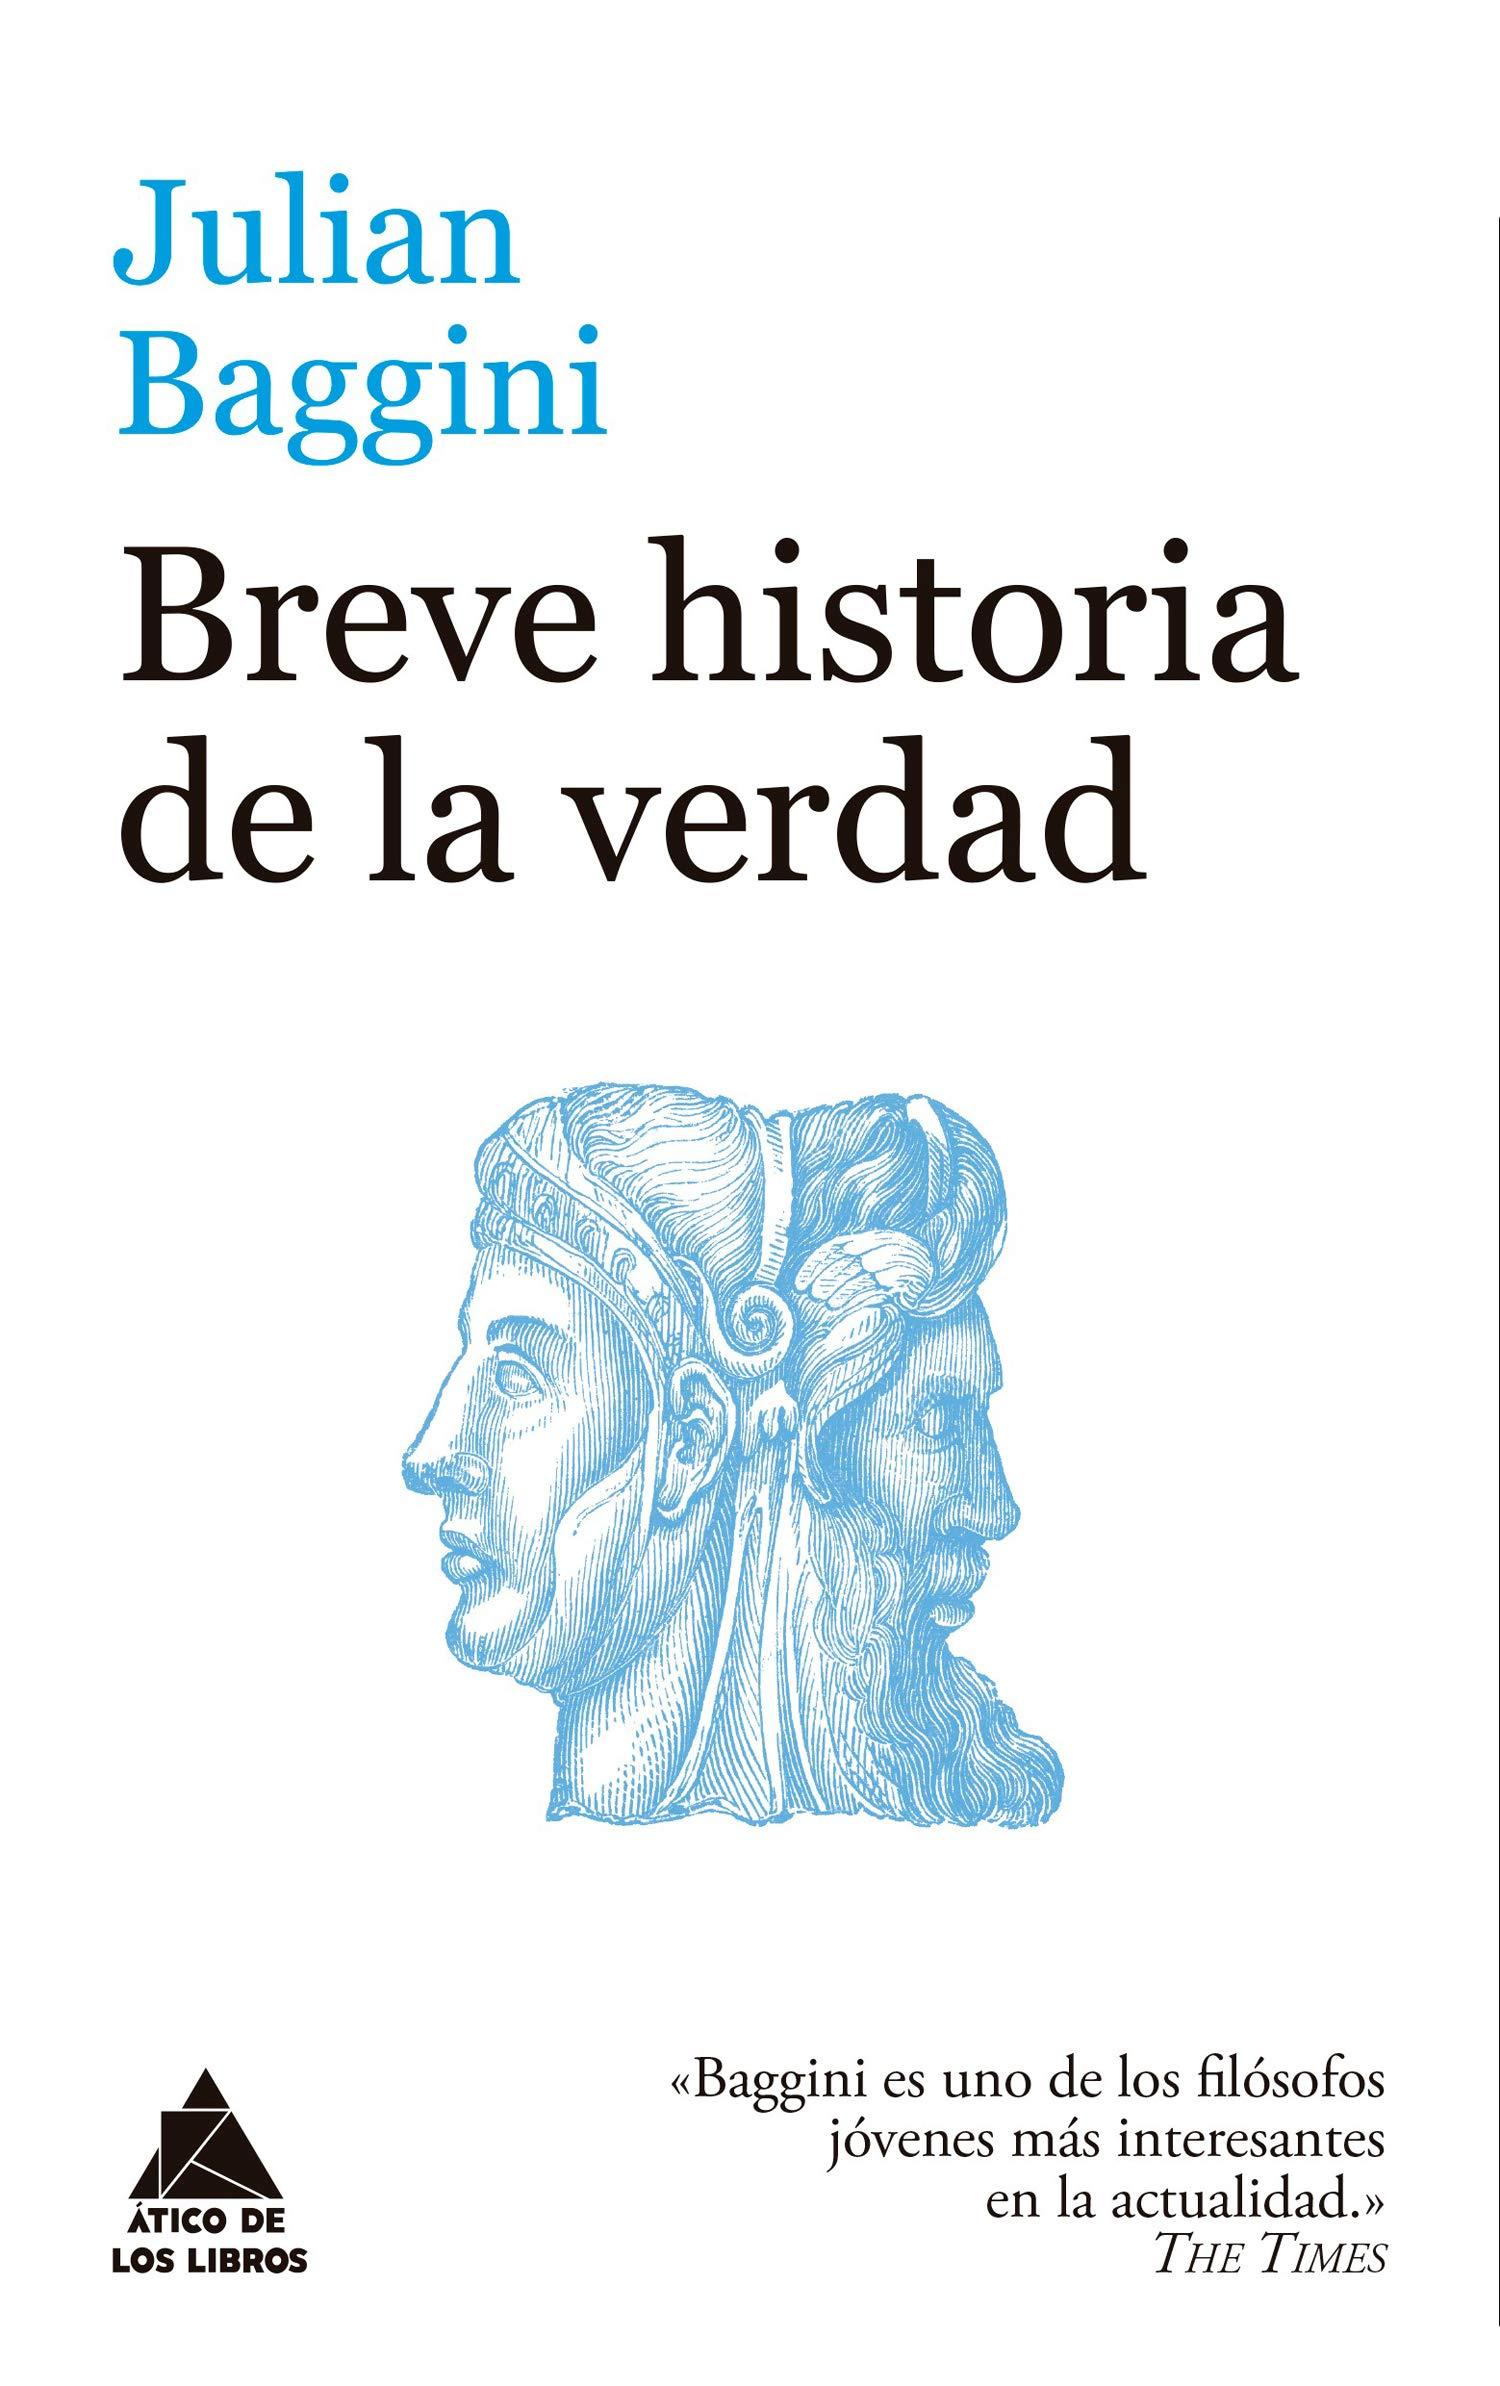 Breve historia de la verdad (Ático de los Libros): Amazon.es: Baggini, Julian, Roca, Joan Eloi: Libros